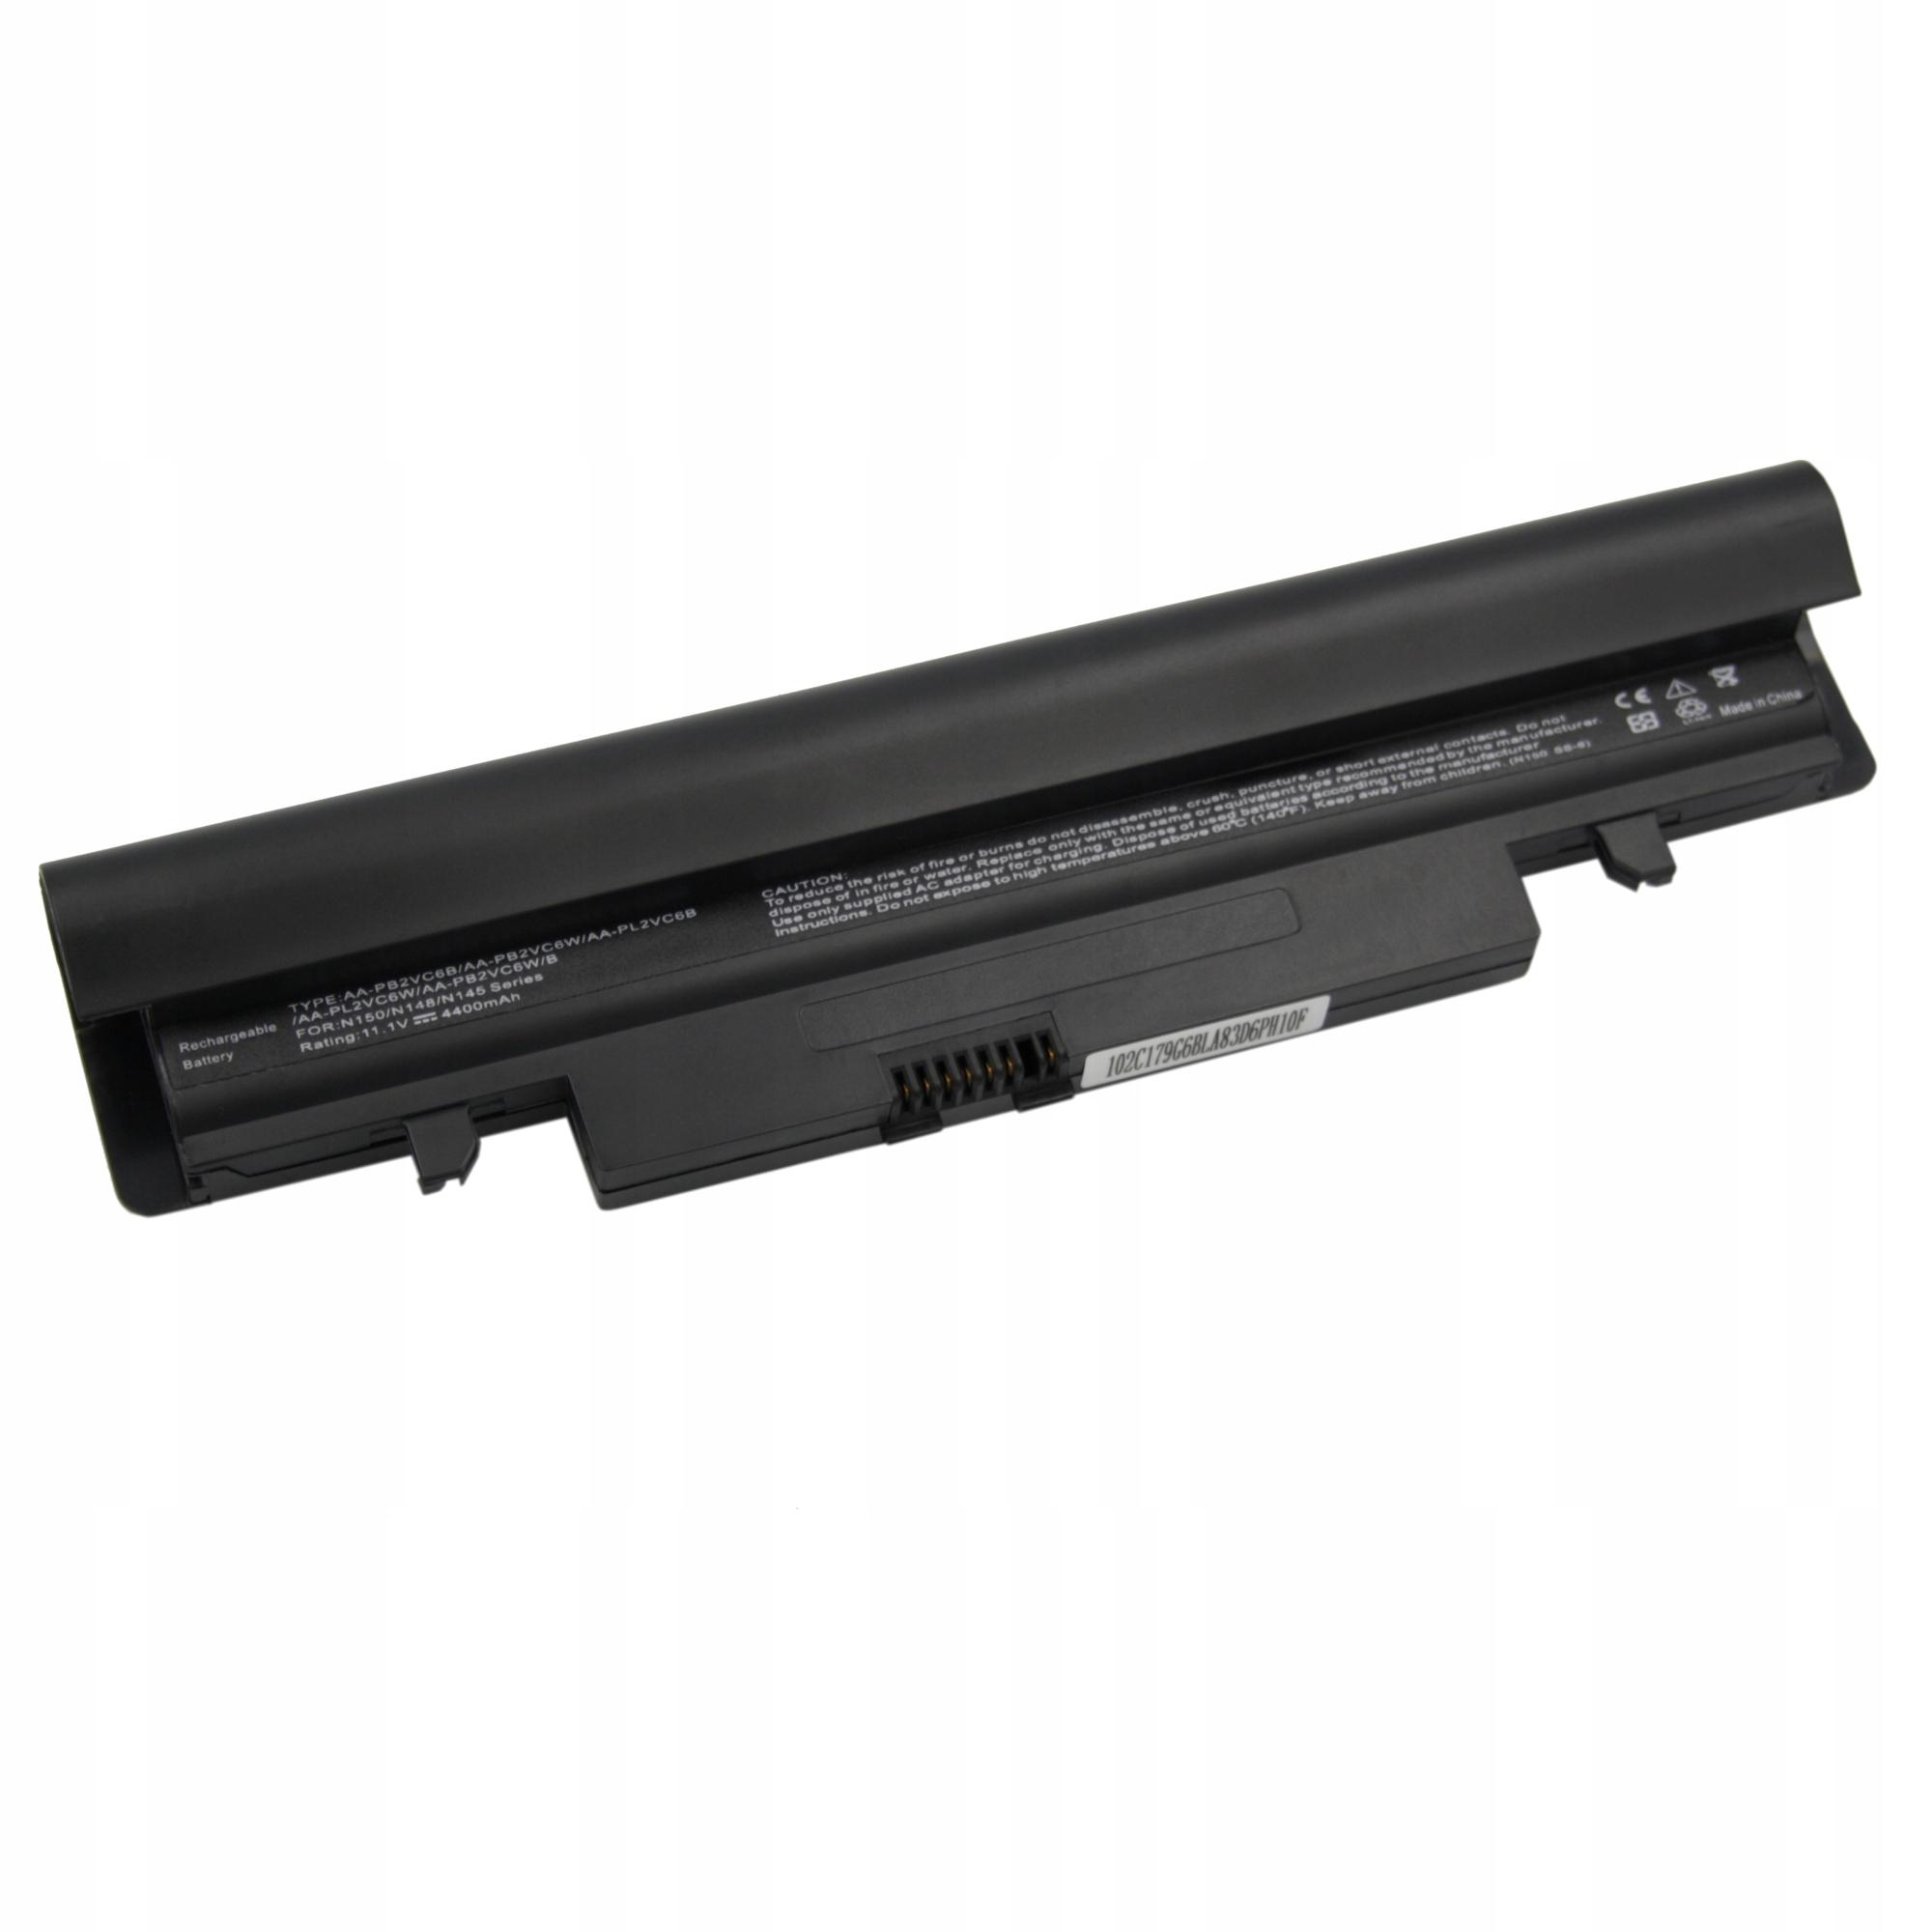 BATERIA AKUMULATOR SAMSUNG N145 N148 N150 N250 N260 N143 N350 - Baterie do laptopów